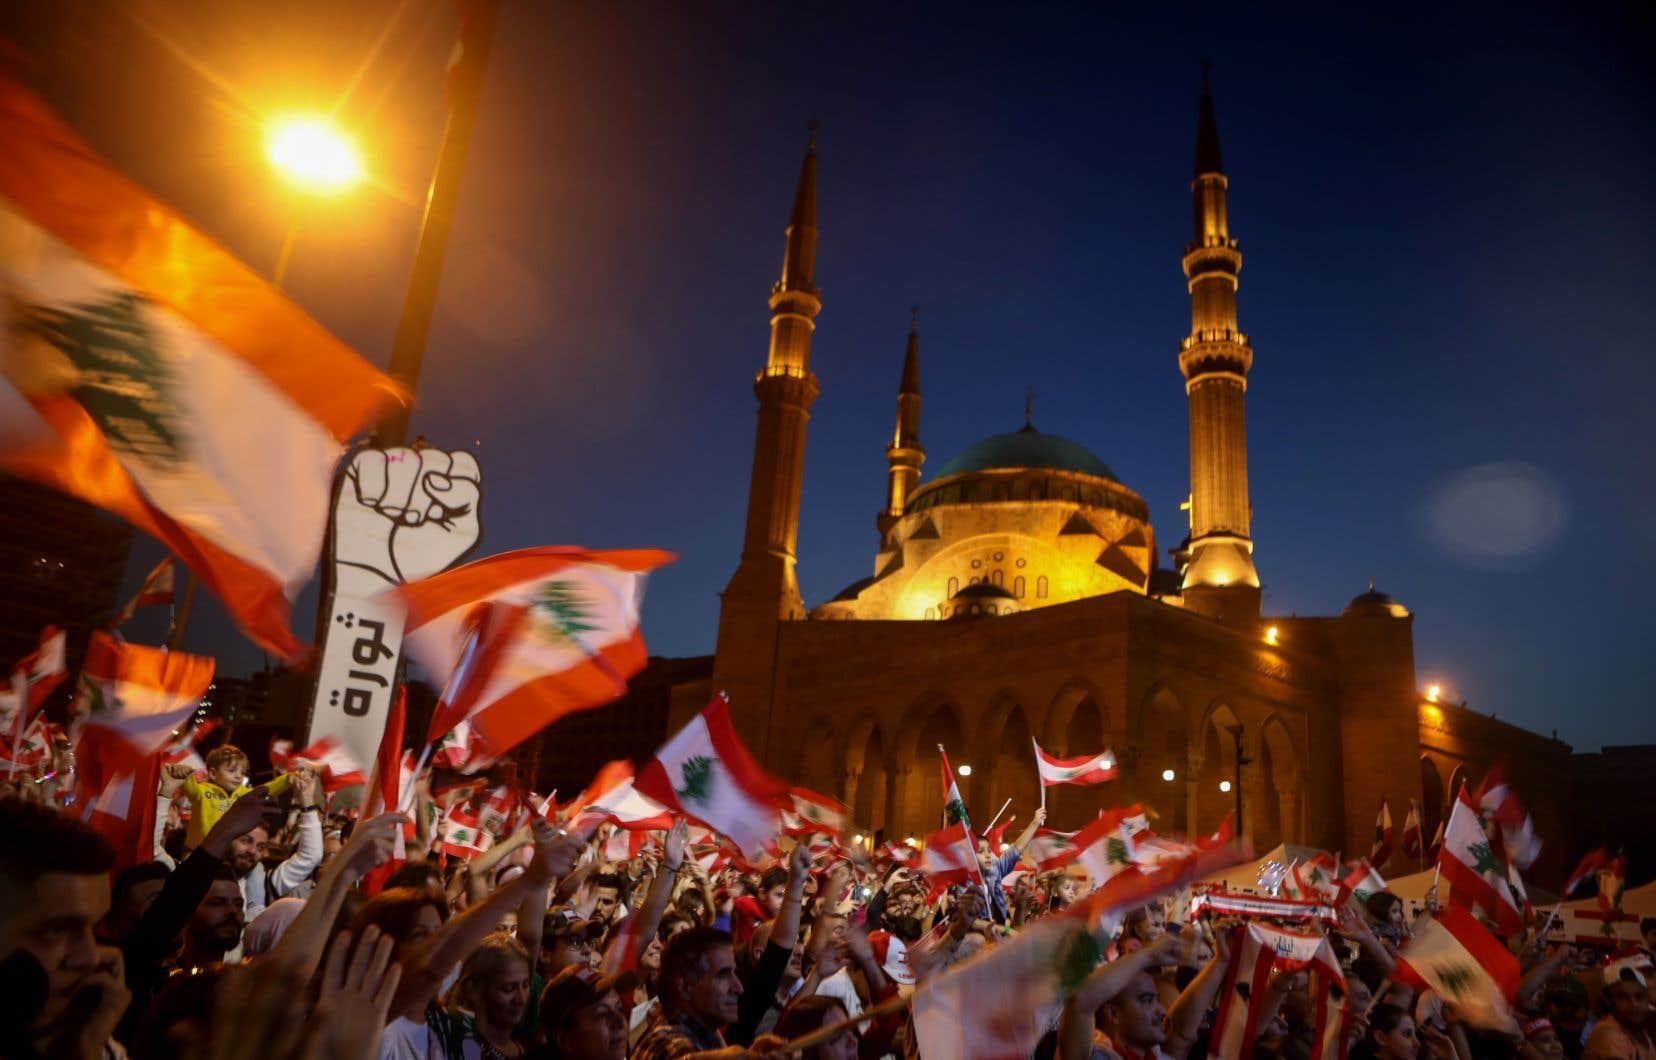 Les manifestants, dont le mouvement a entraîné la démission le 29octobre du premier ministre Saad Hariri, réclament un gouvernement de technocrates indépendants des partis au pouvoir et l'organisation d'élections législatives anticipées.